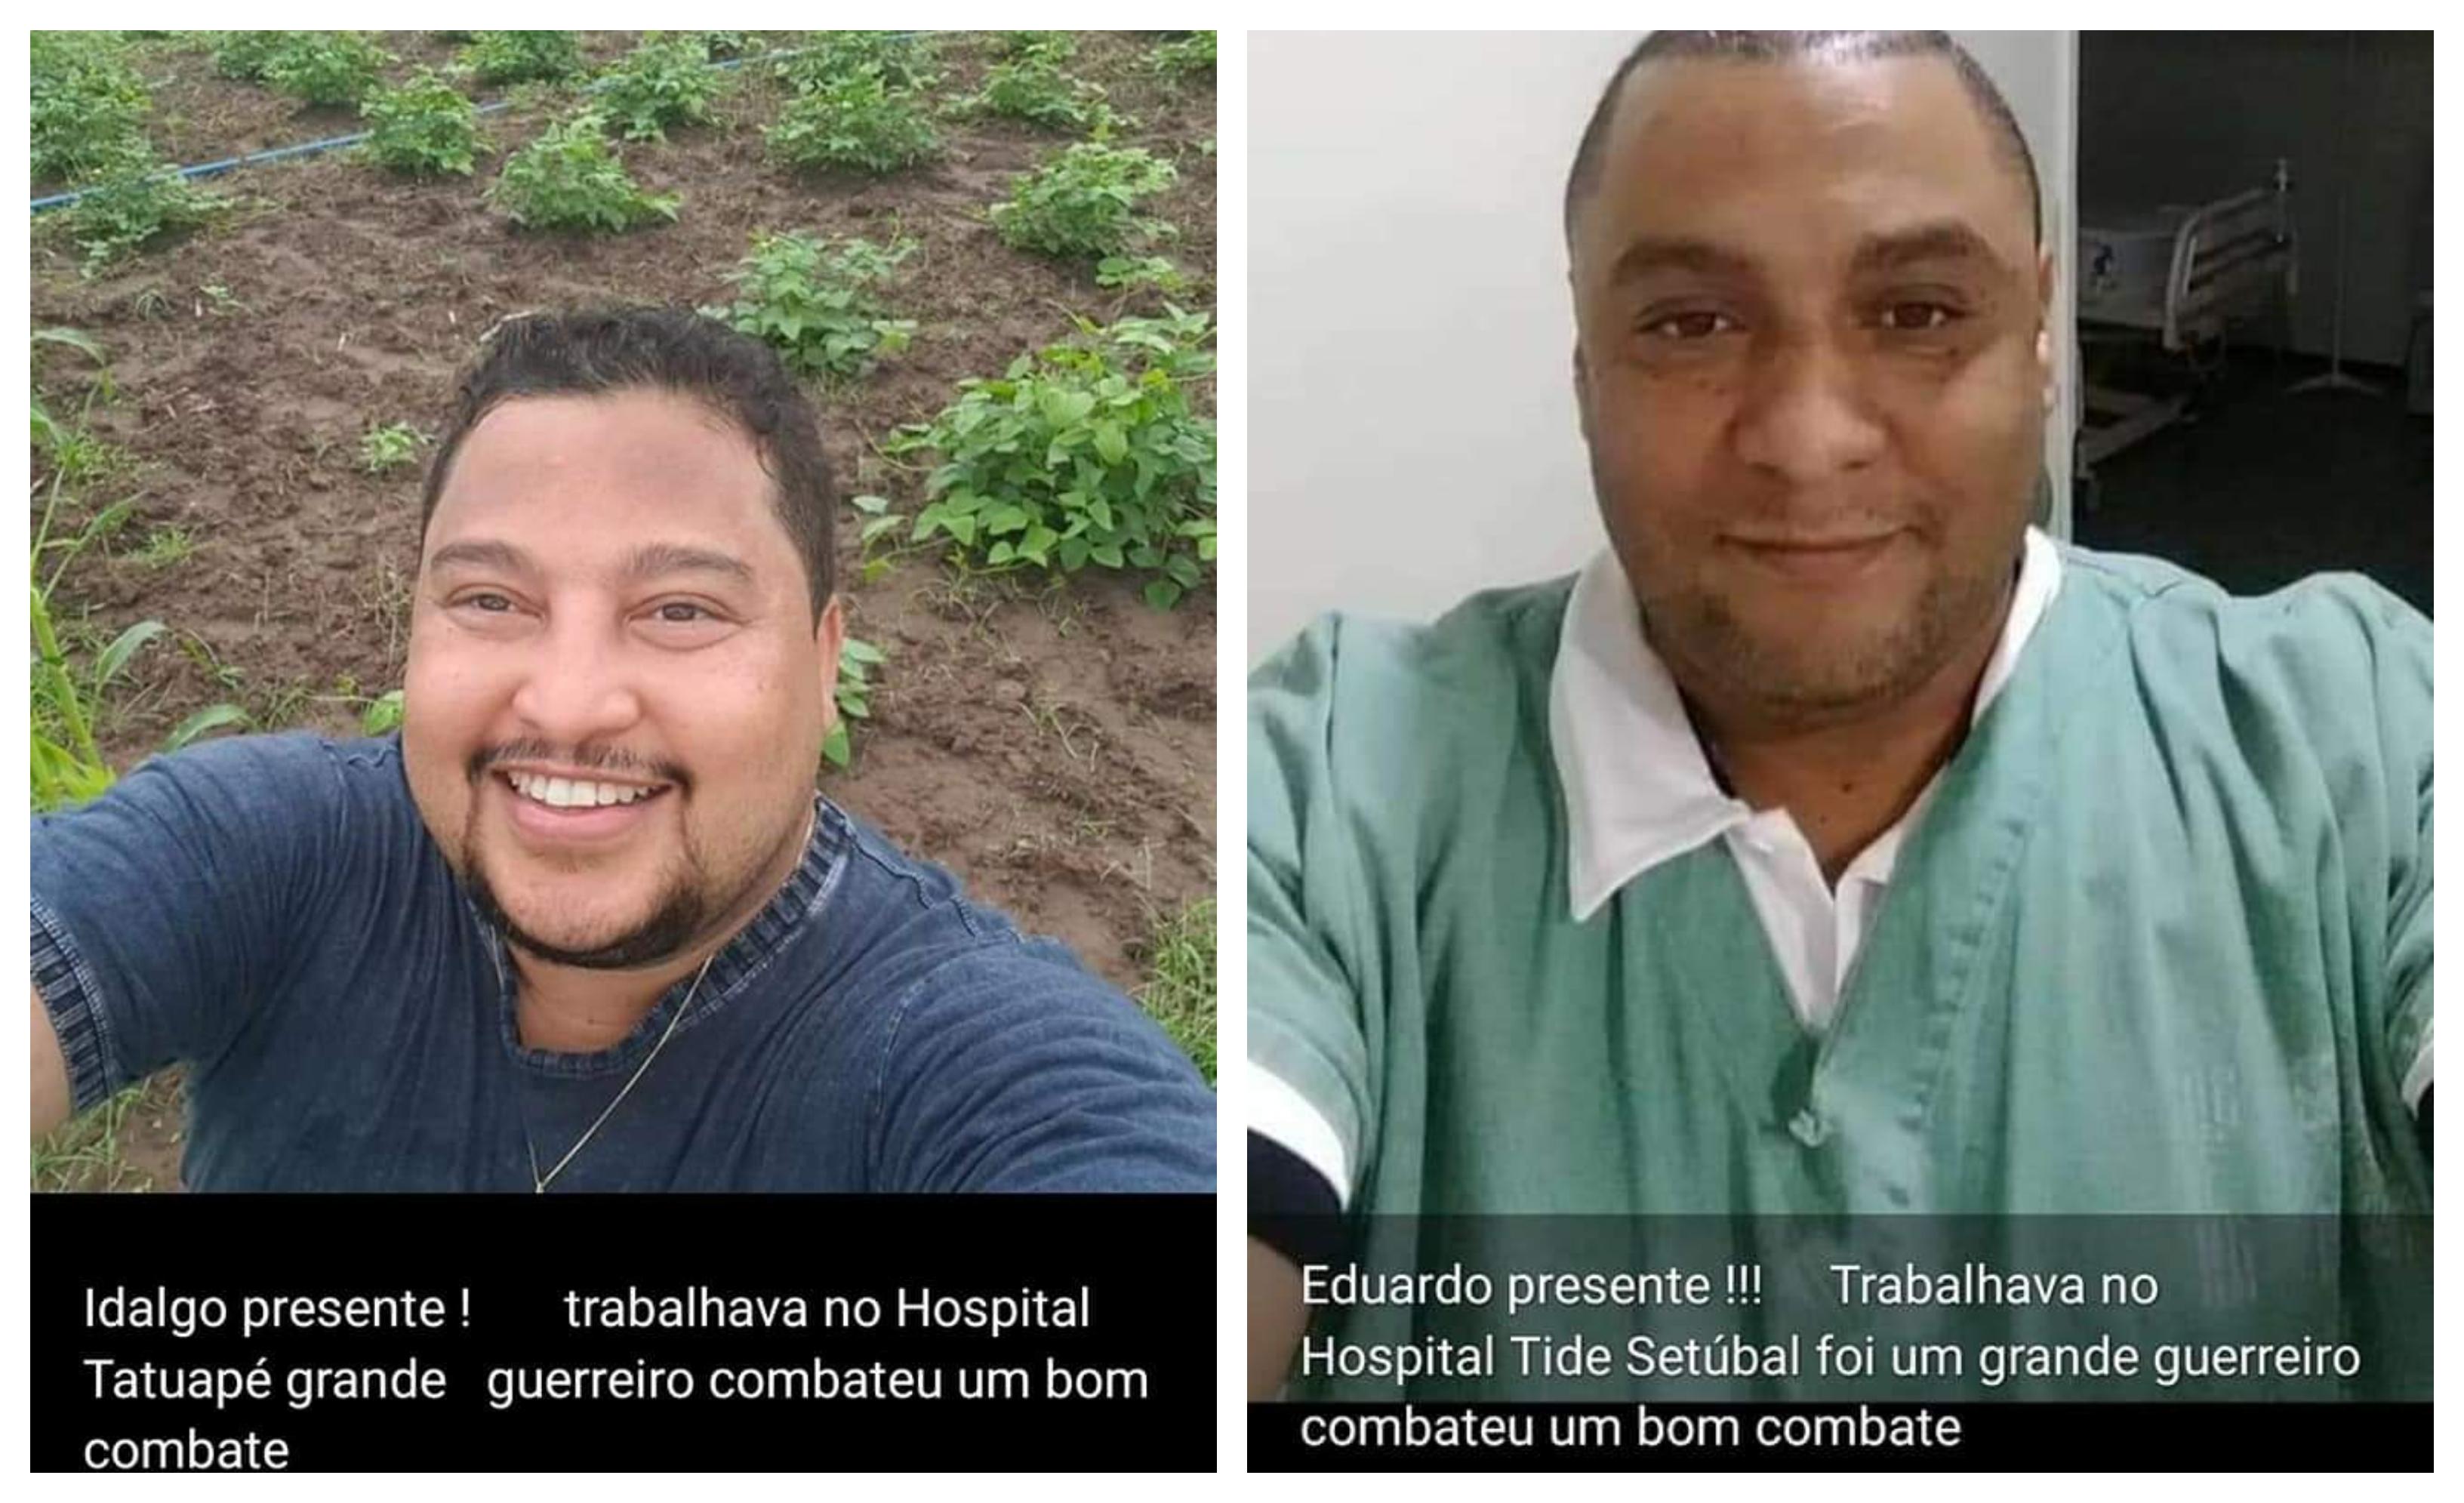 Juliana Cardoso: Em São Paulo, profissionais de saúde correm risco; faltam máscaras, luvas e transparência de Covas